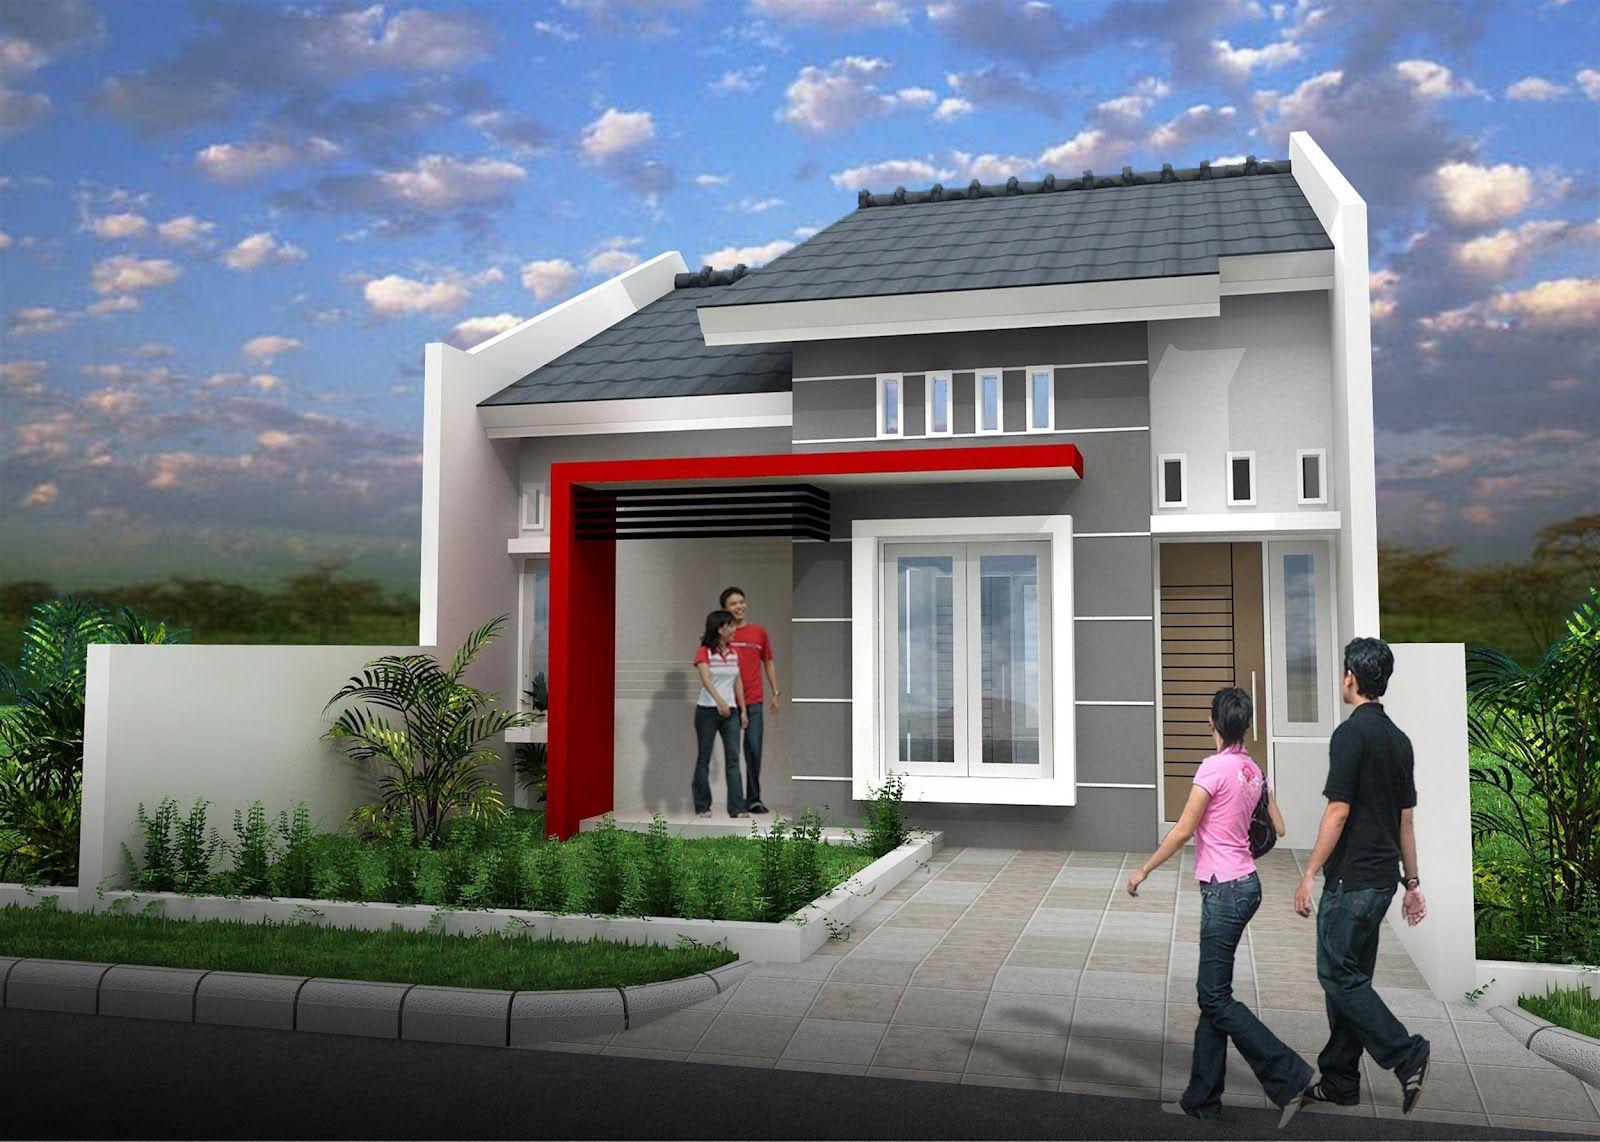 Warna Rumah Jaman Sekarang di 2020 Desain produk, Home